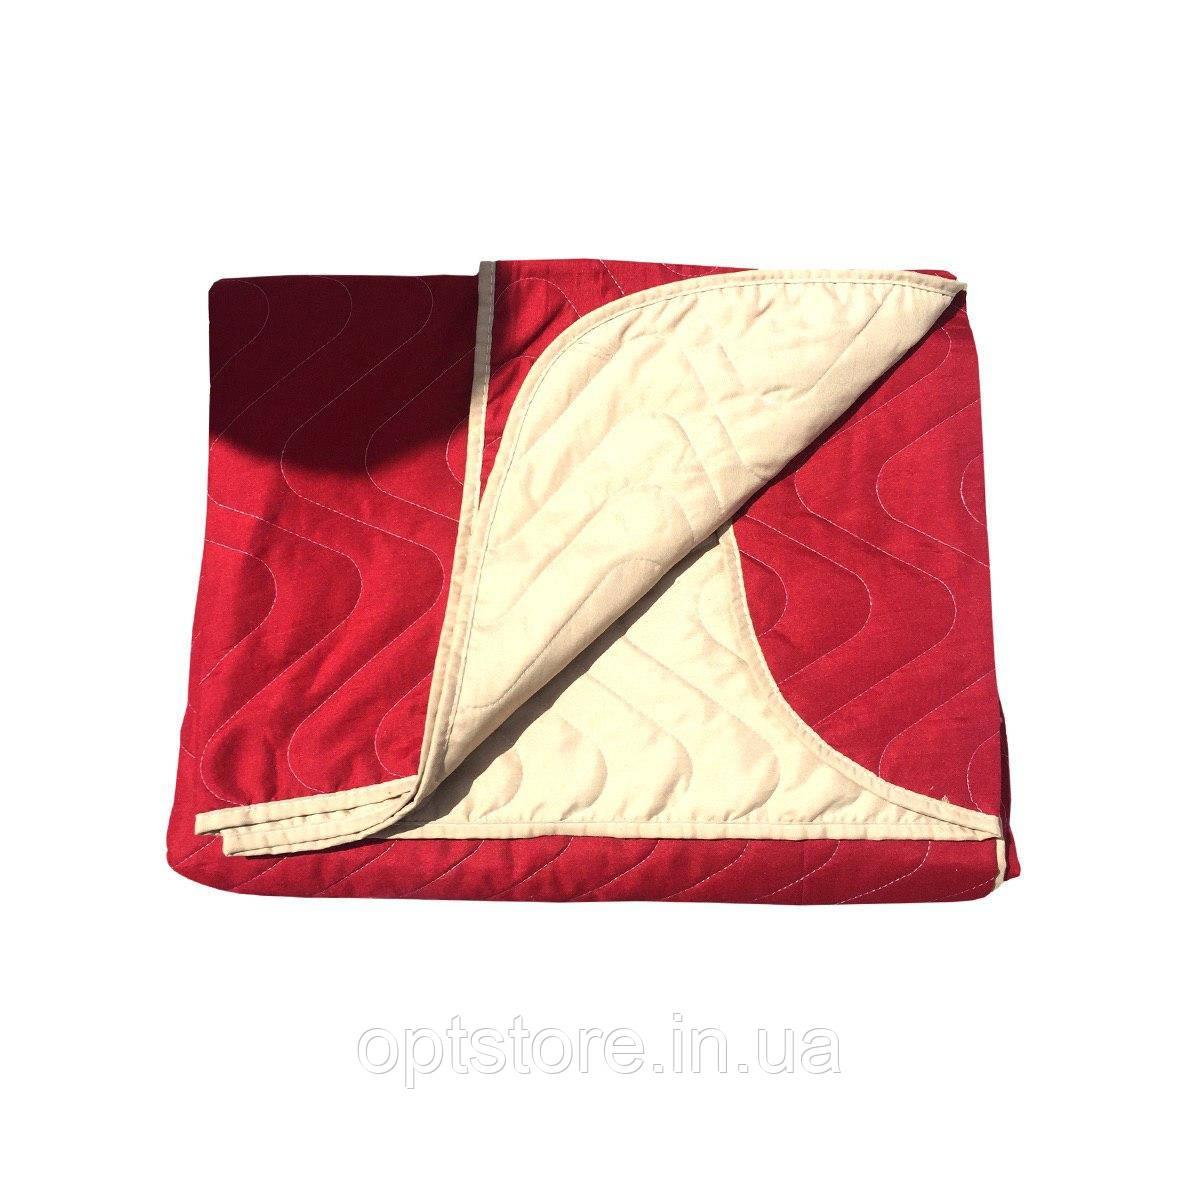 """""""Двухцветное"""" Летнее одеяло-покрывало двухспальный размер 180/210 см, наполнитель: холлофайбер. Ткань:бязь."""